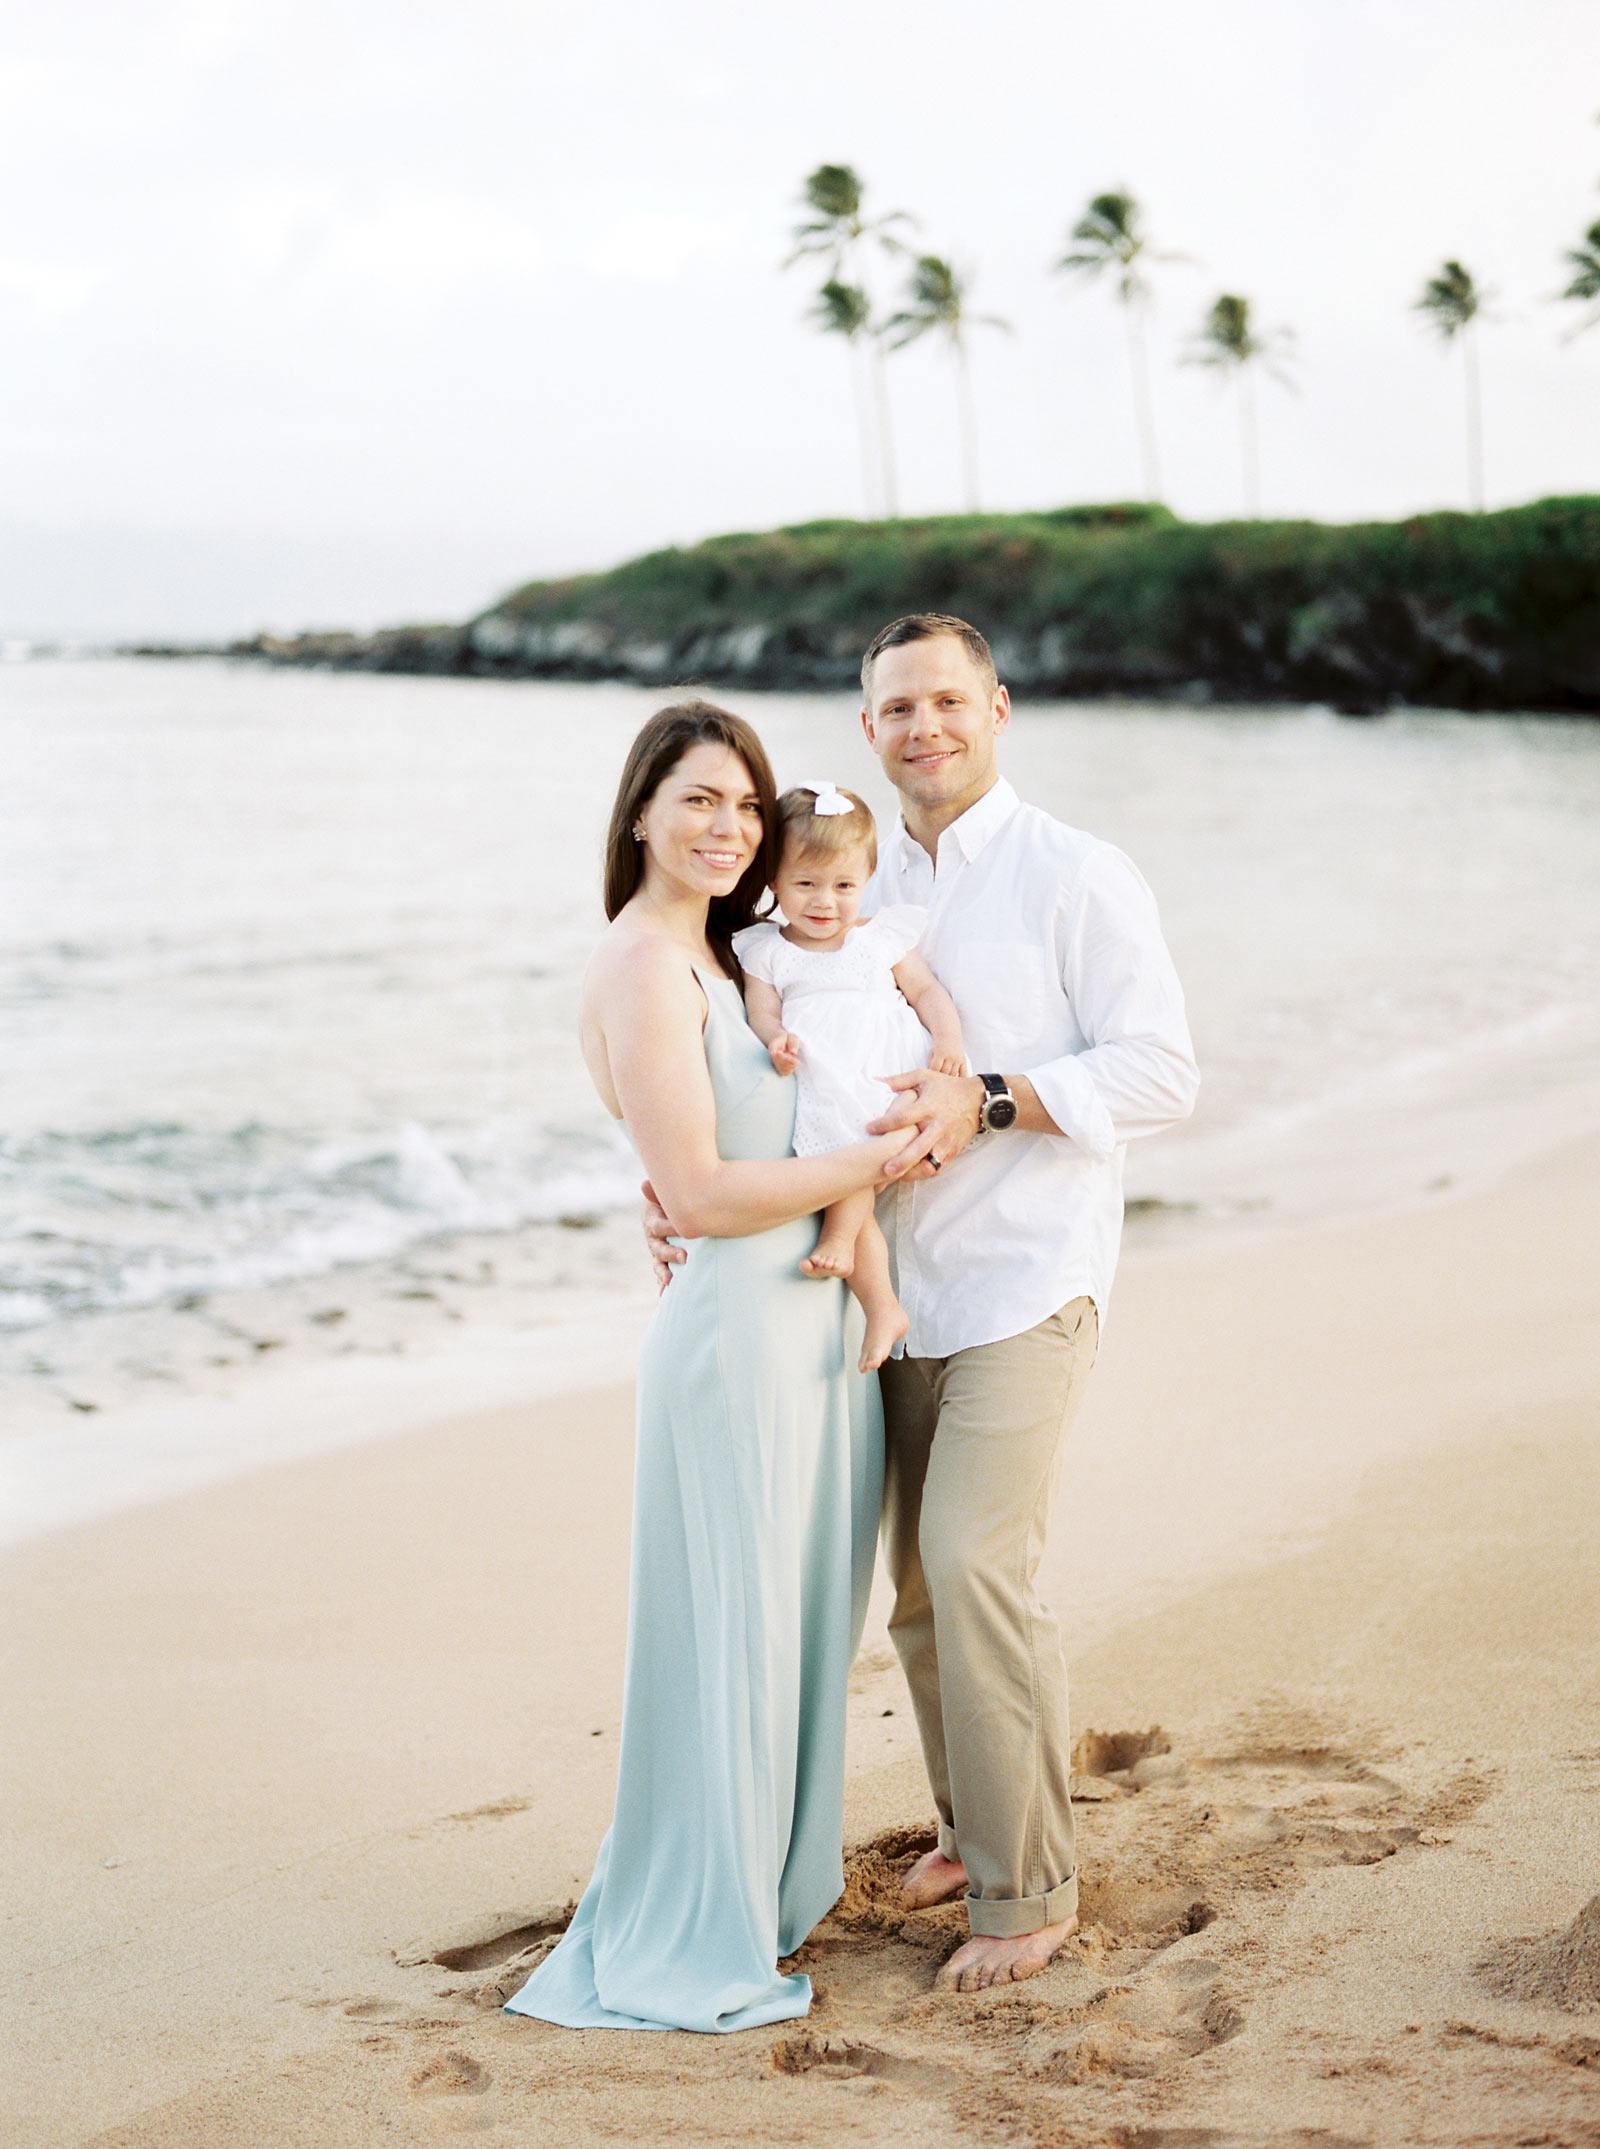 Maui-family-photos-011.jpg